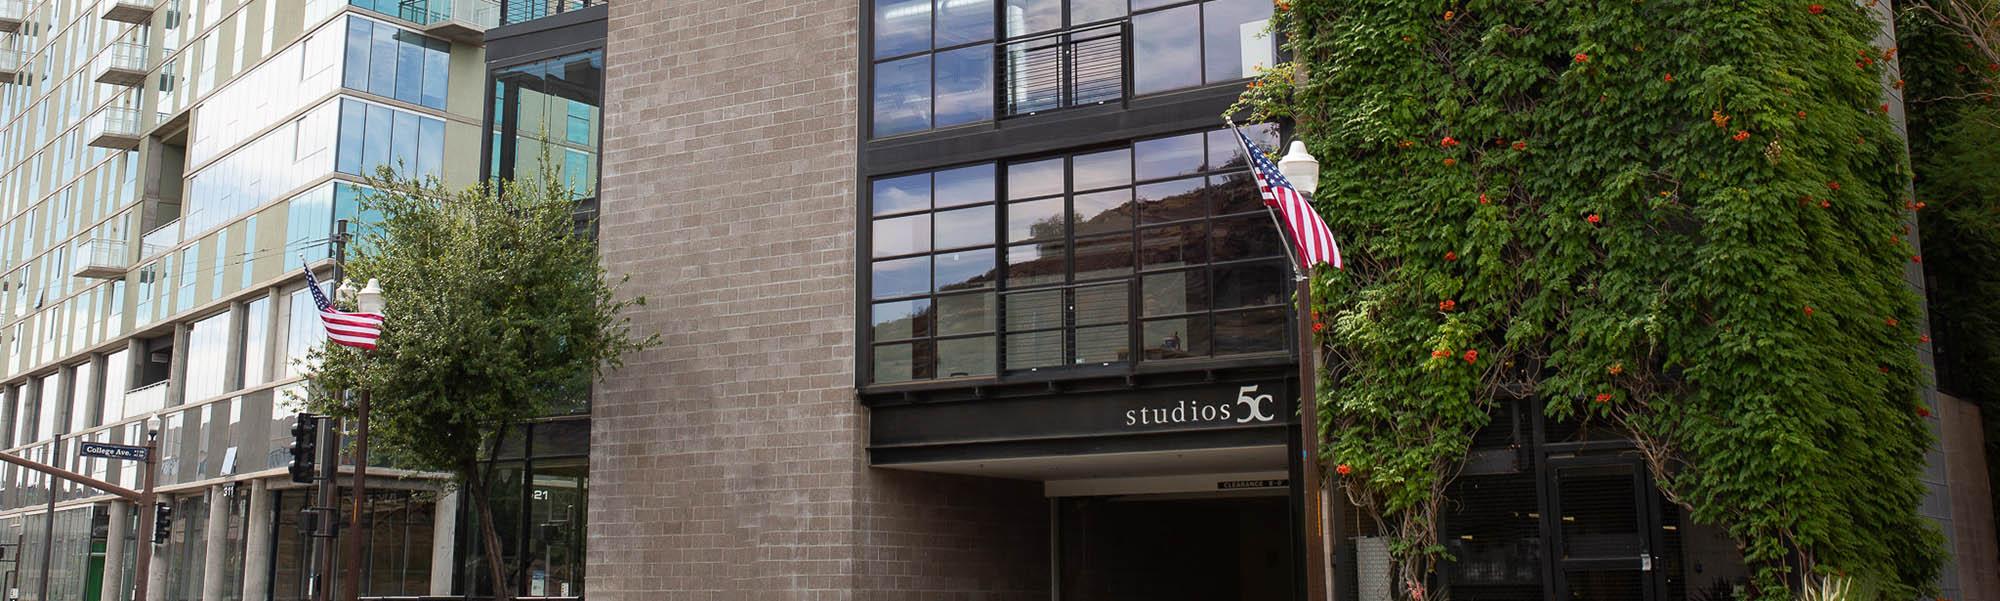 Studio 5C